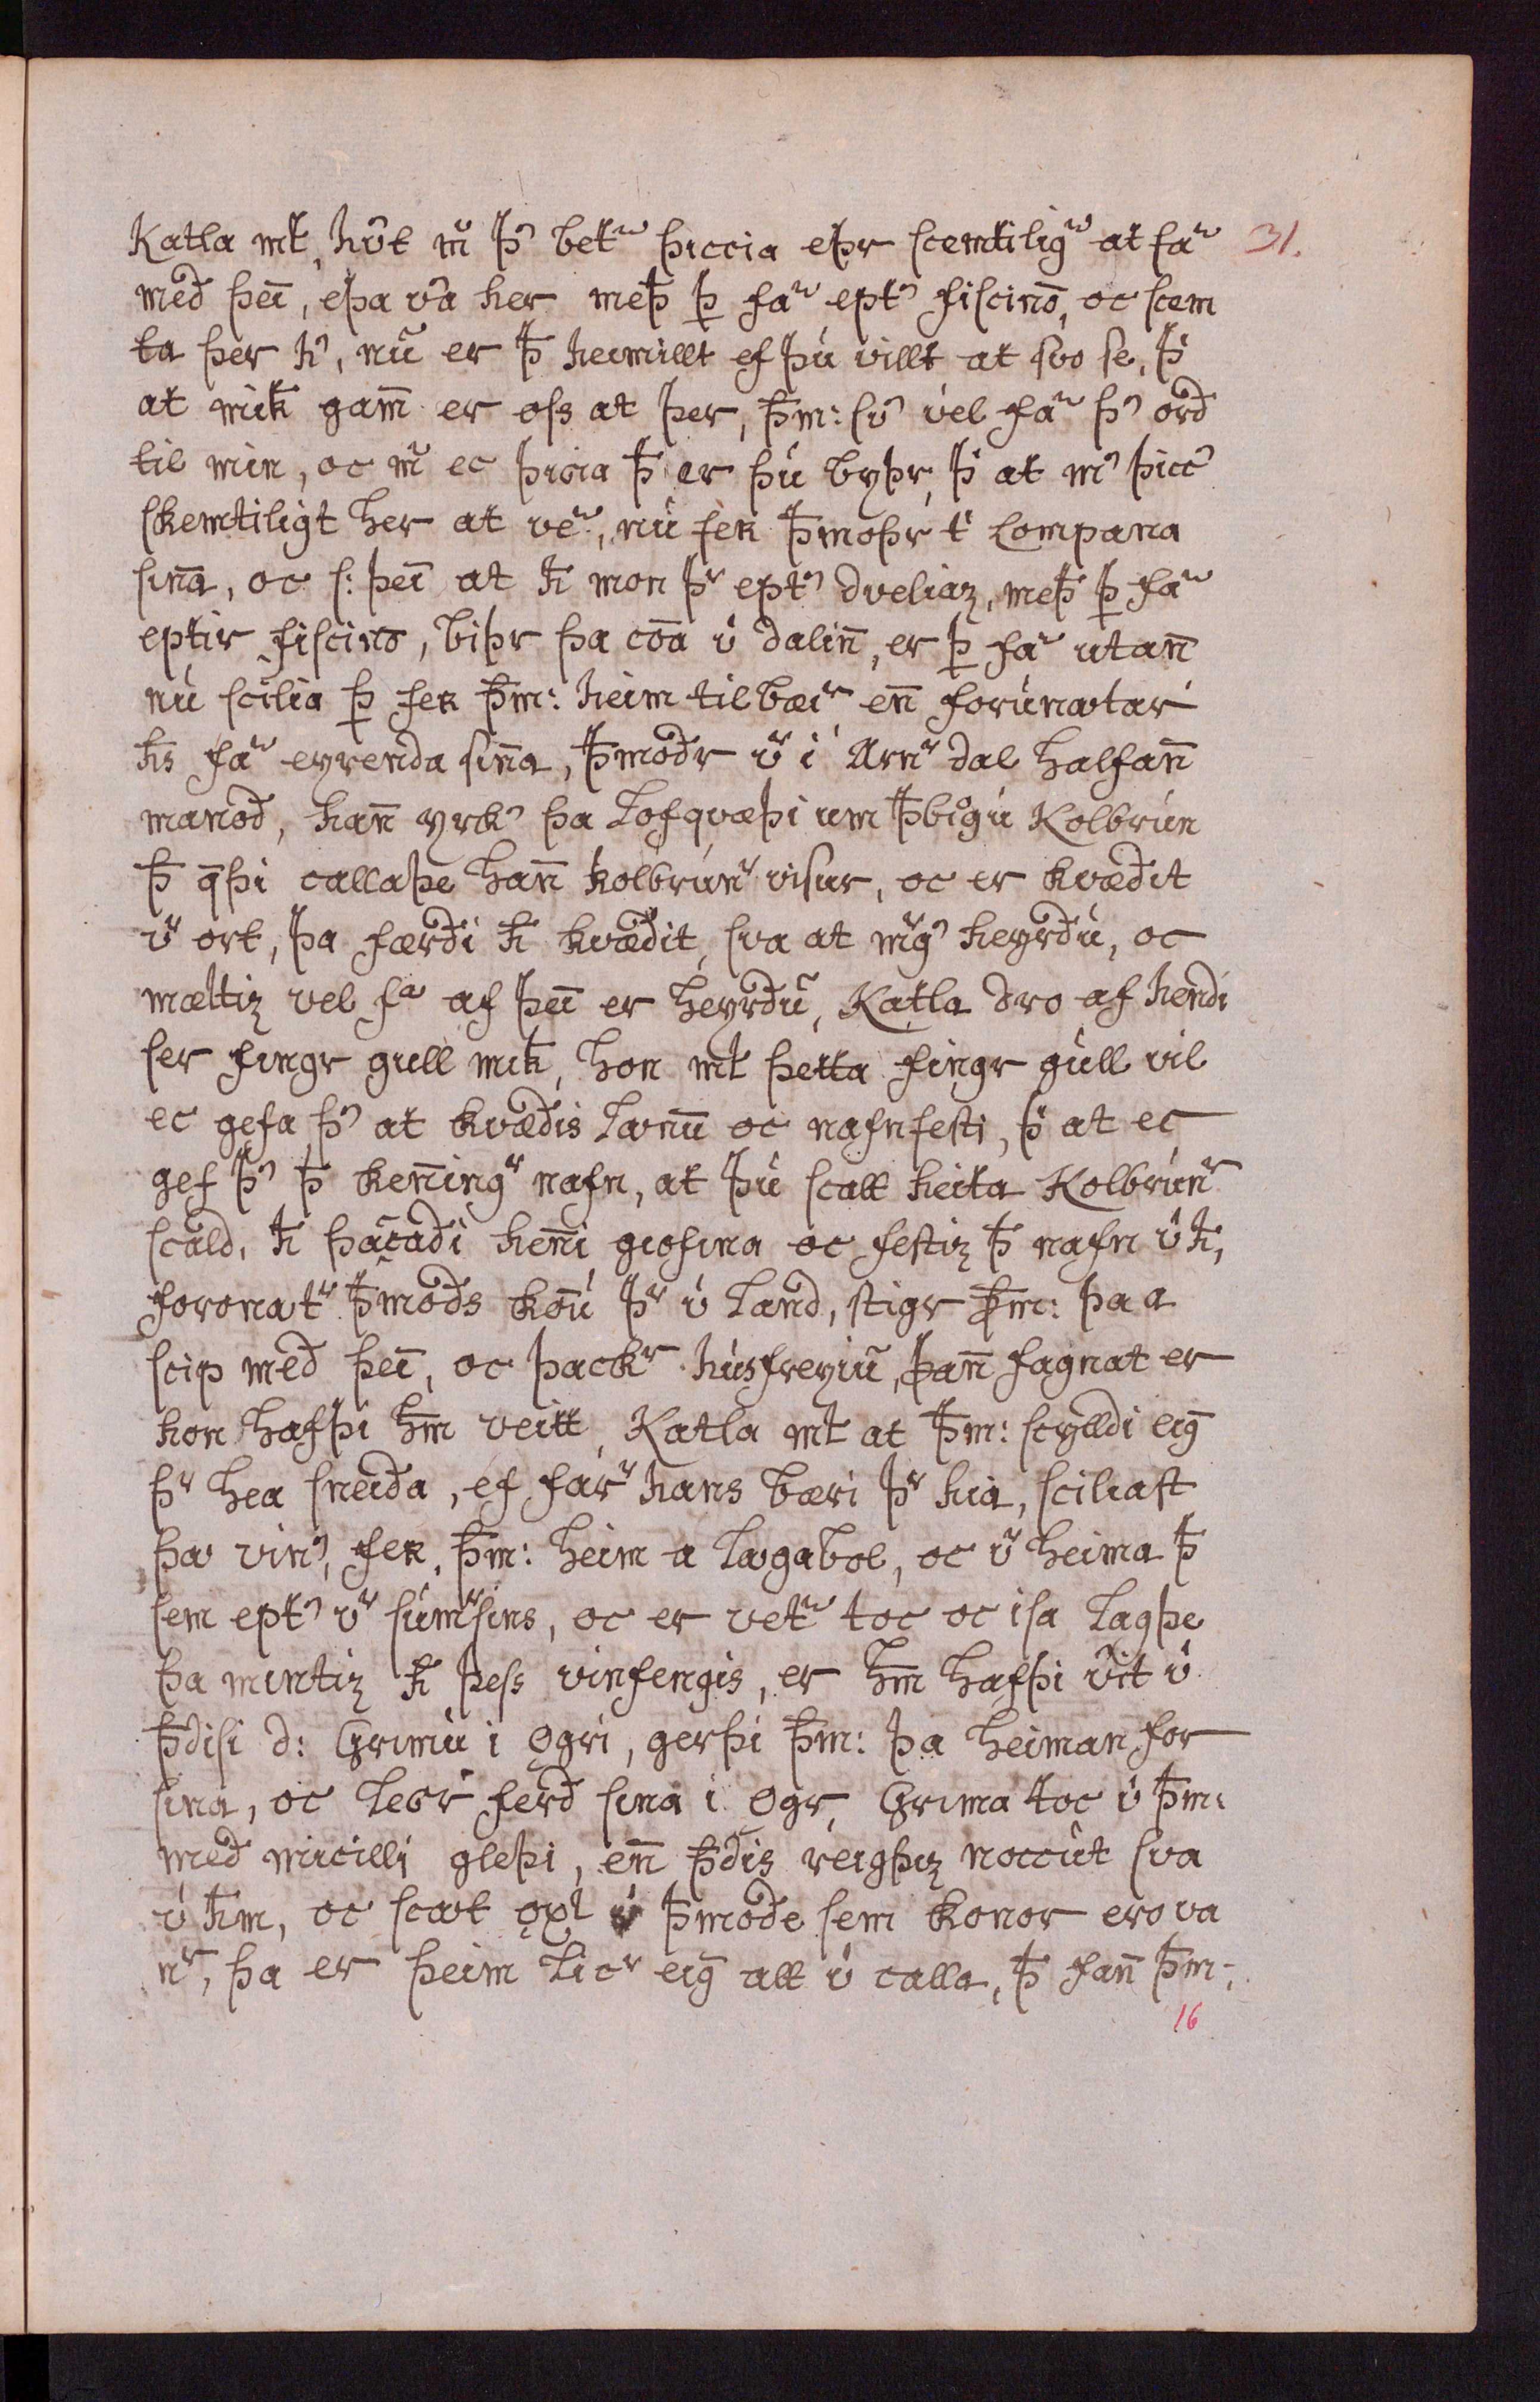 AM 141 fol - 16r